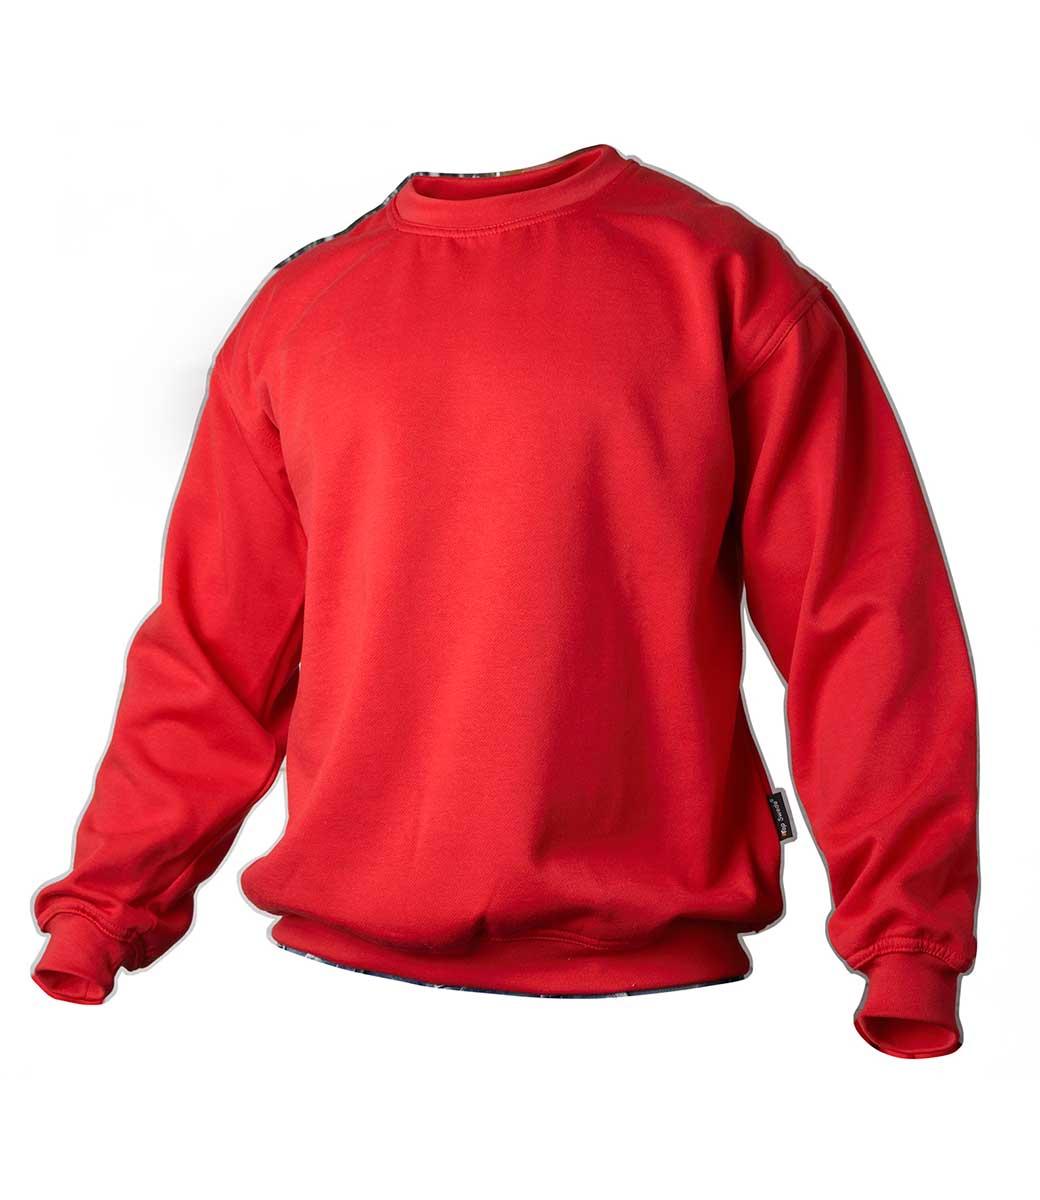 Marineblå college genser ~ OEKO TEX ®. 65% Bomull og 35